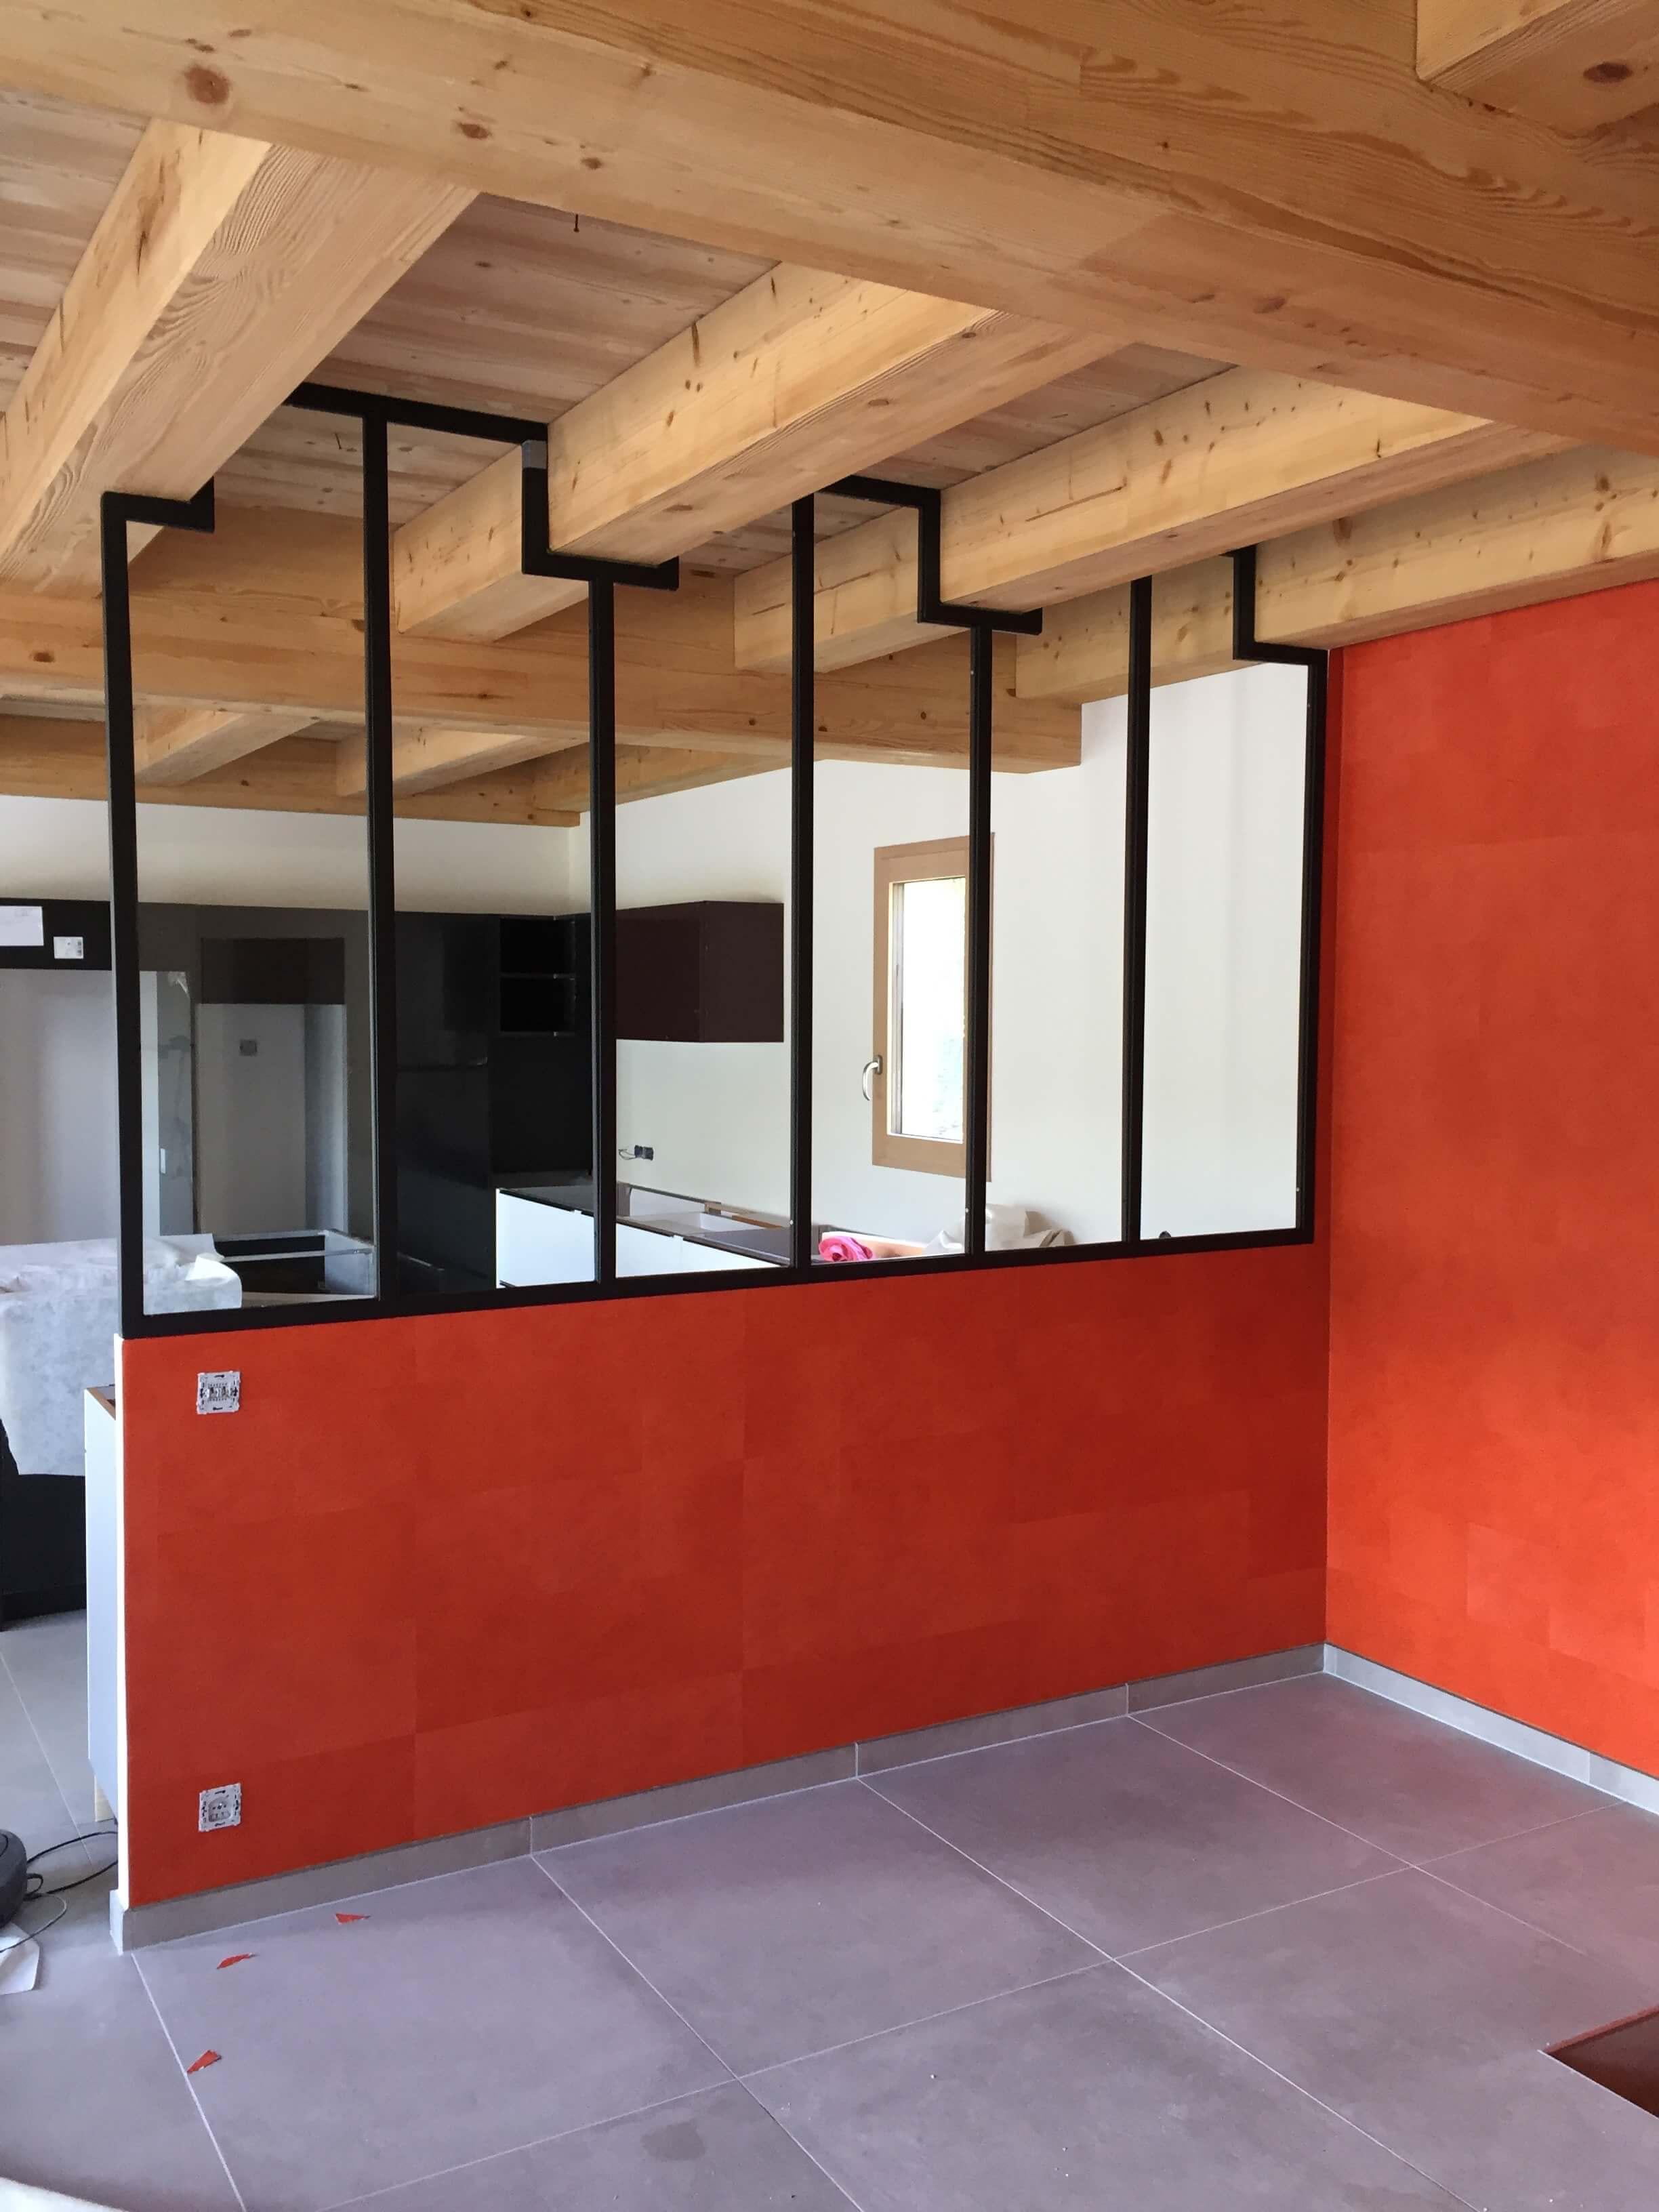 Robi design Métallique Annecy agencement intérieur verrière claustra Tarentaise 739